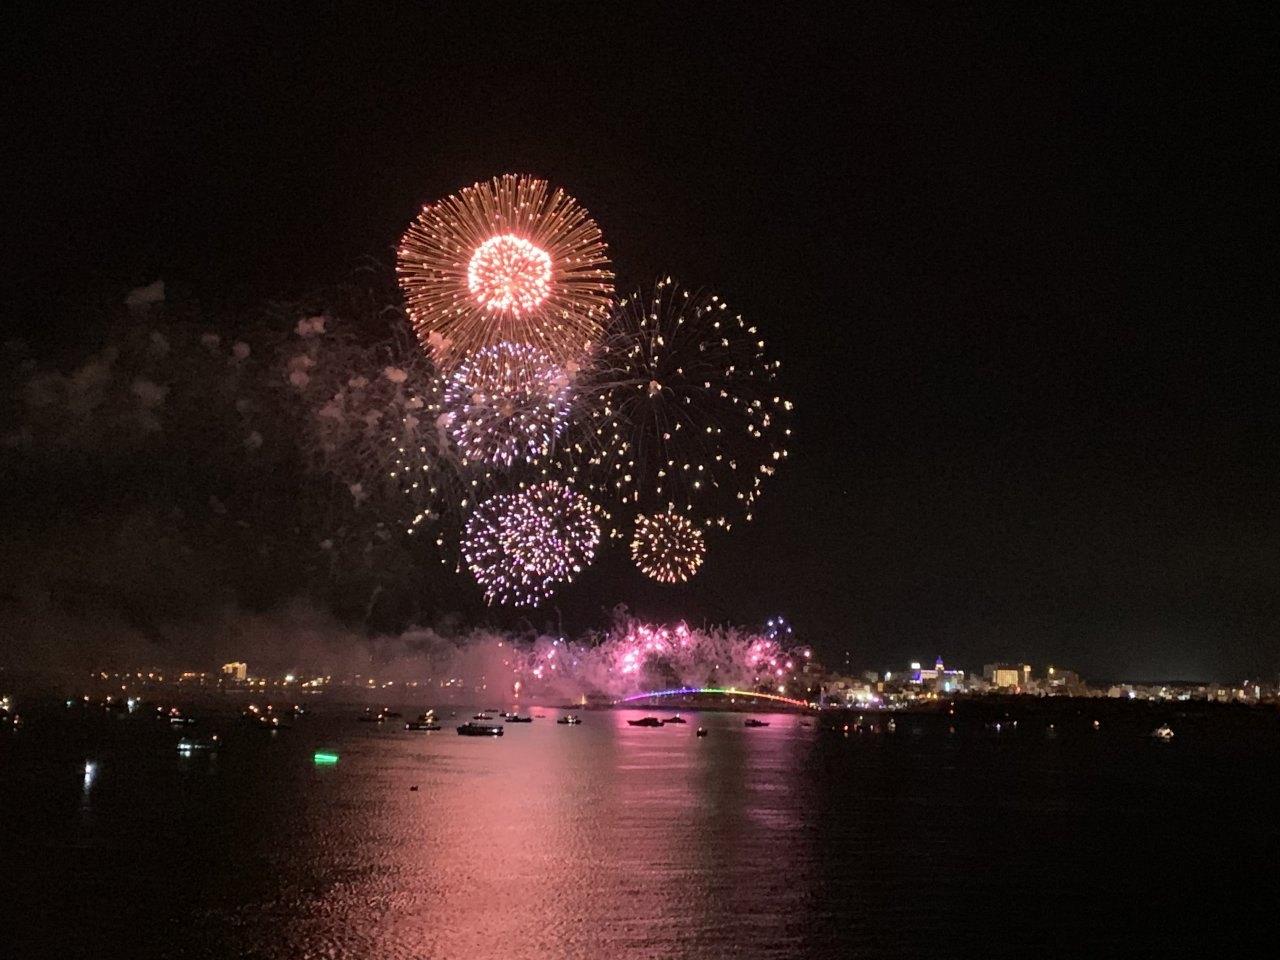 ▲花火節限定航線將行經澎湖,可於甲板最佳觀賞點欣賞煙火。